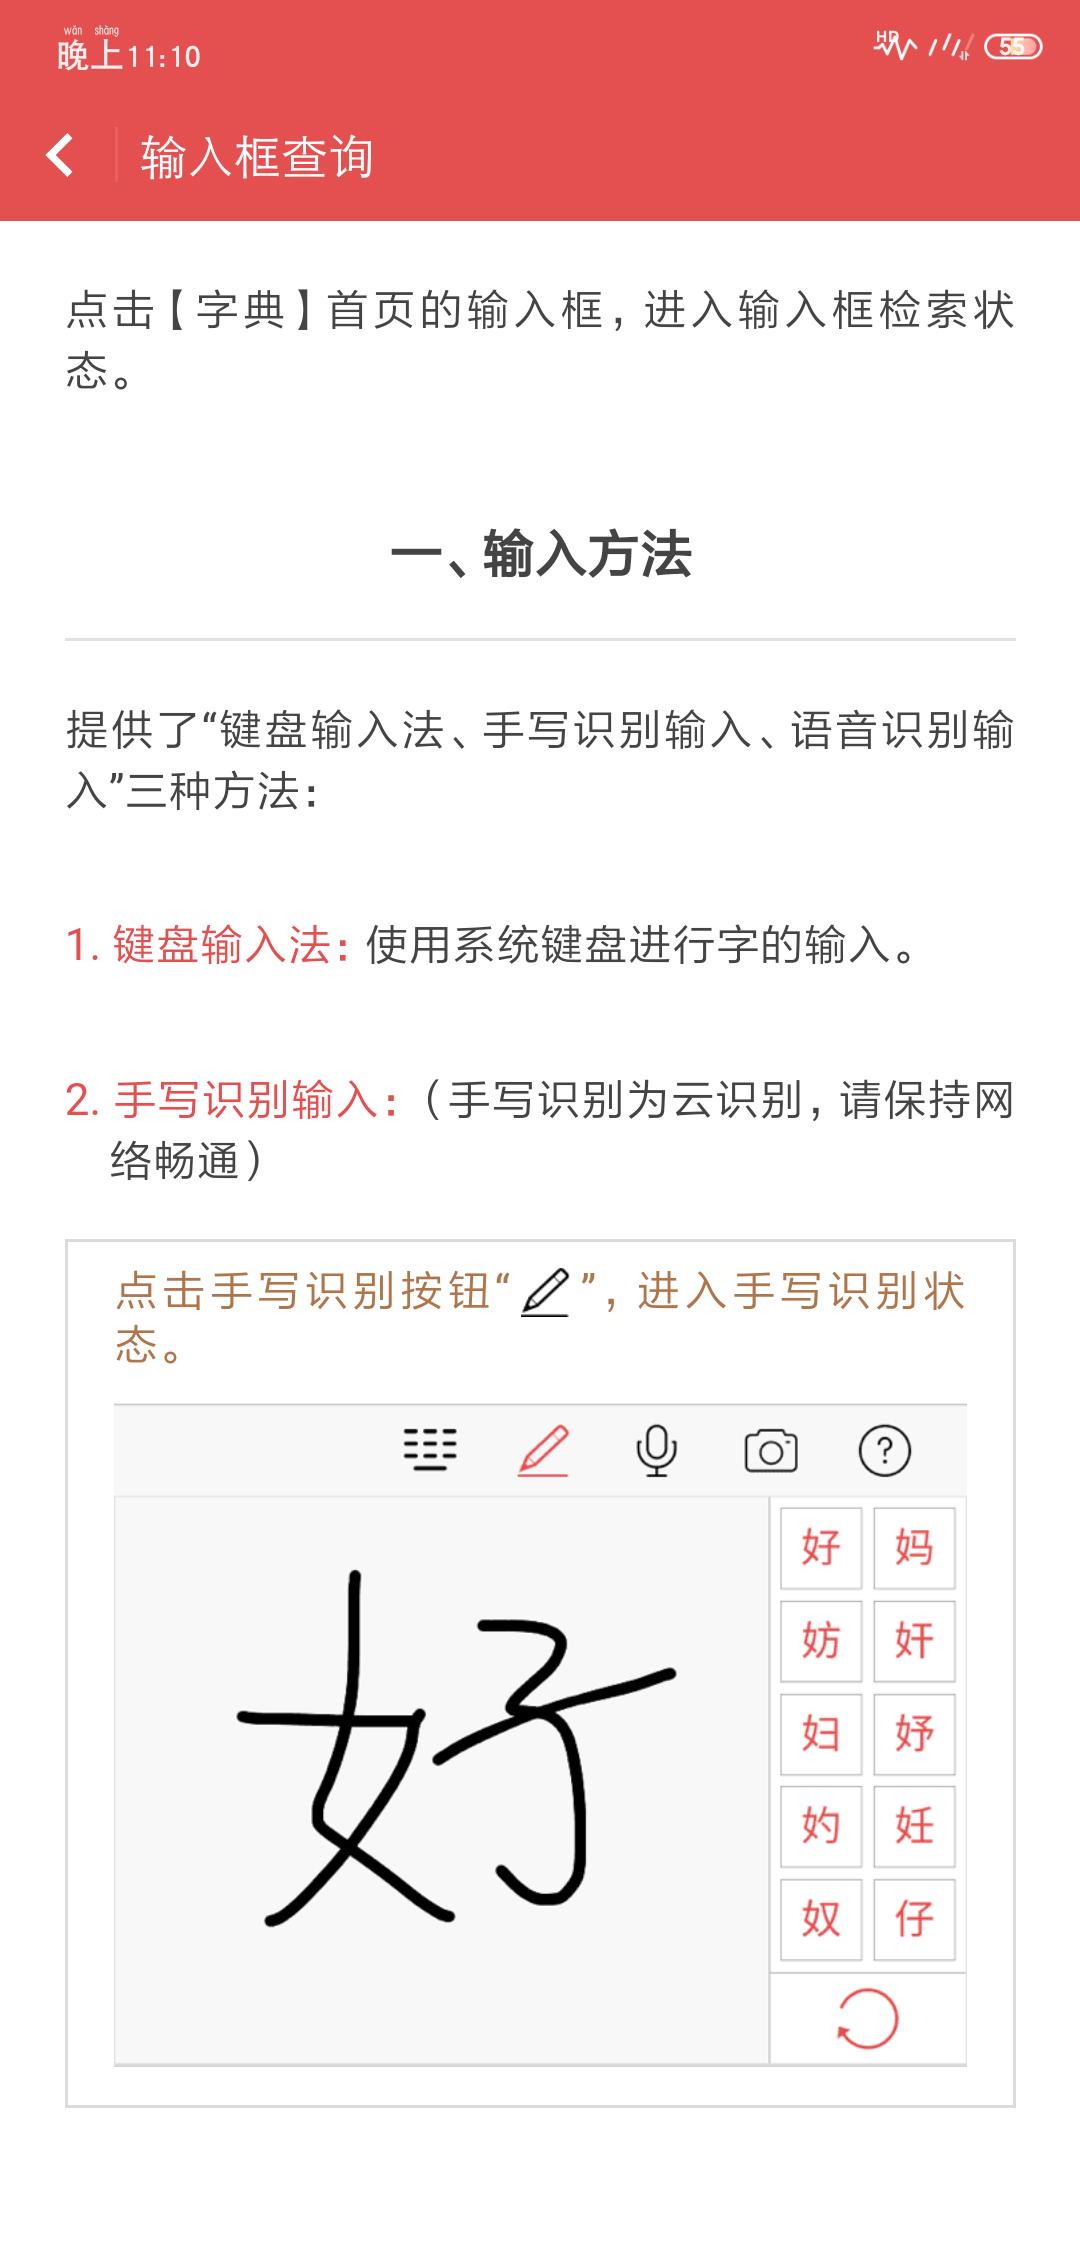 【分享】新华字典市场唯 一正版《新华字典》APP上线-爱小助